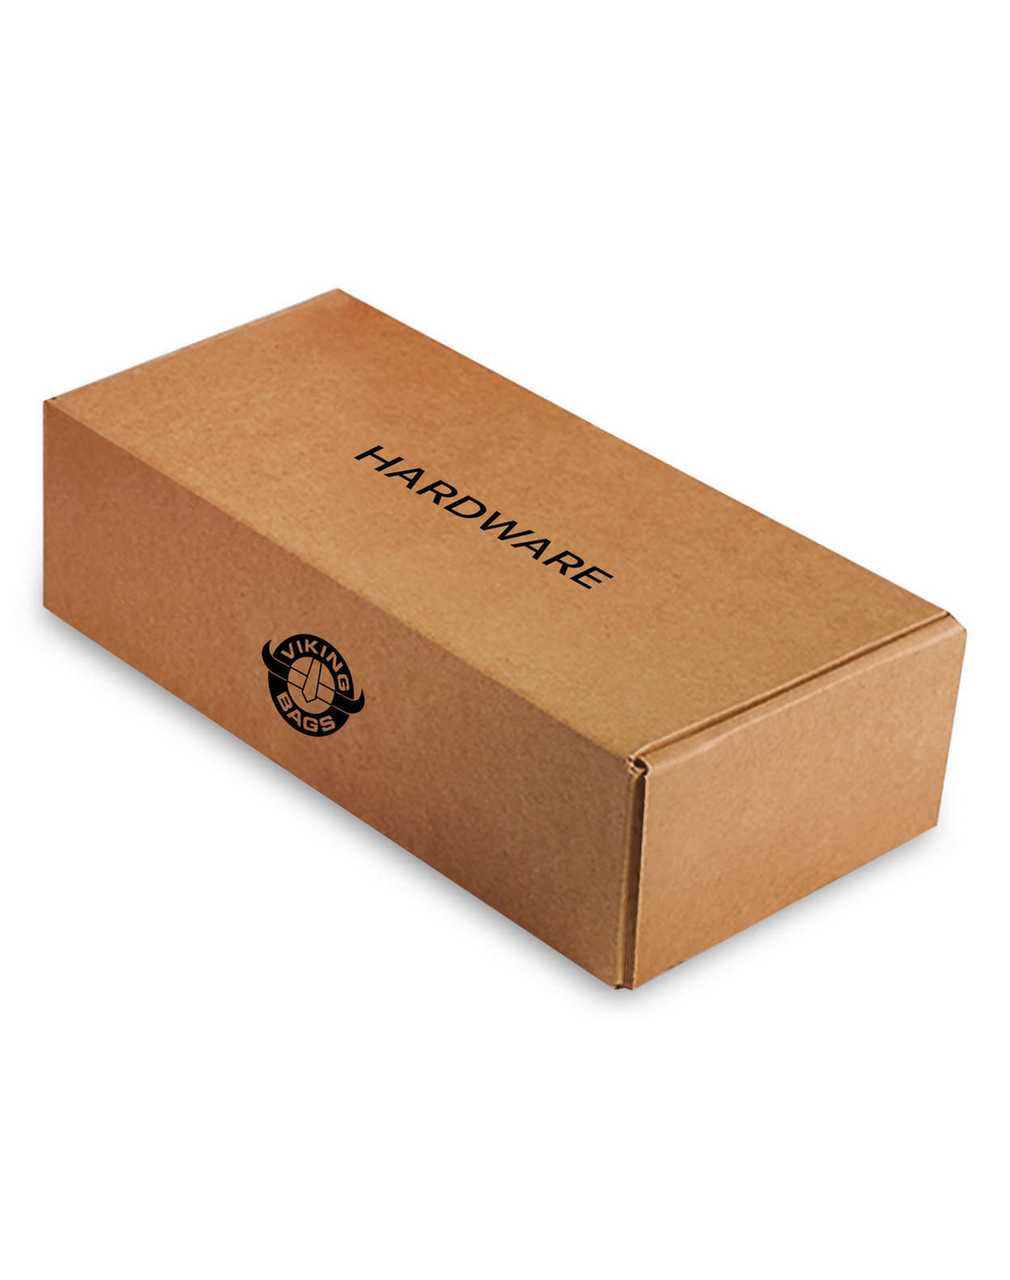 Honda Rebel 500 Shock Cutout Motorcycle Saddlebags Hardware Box